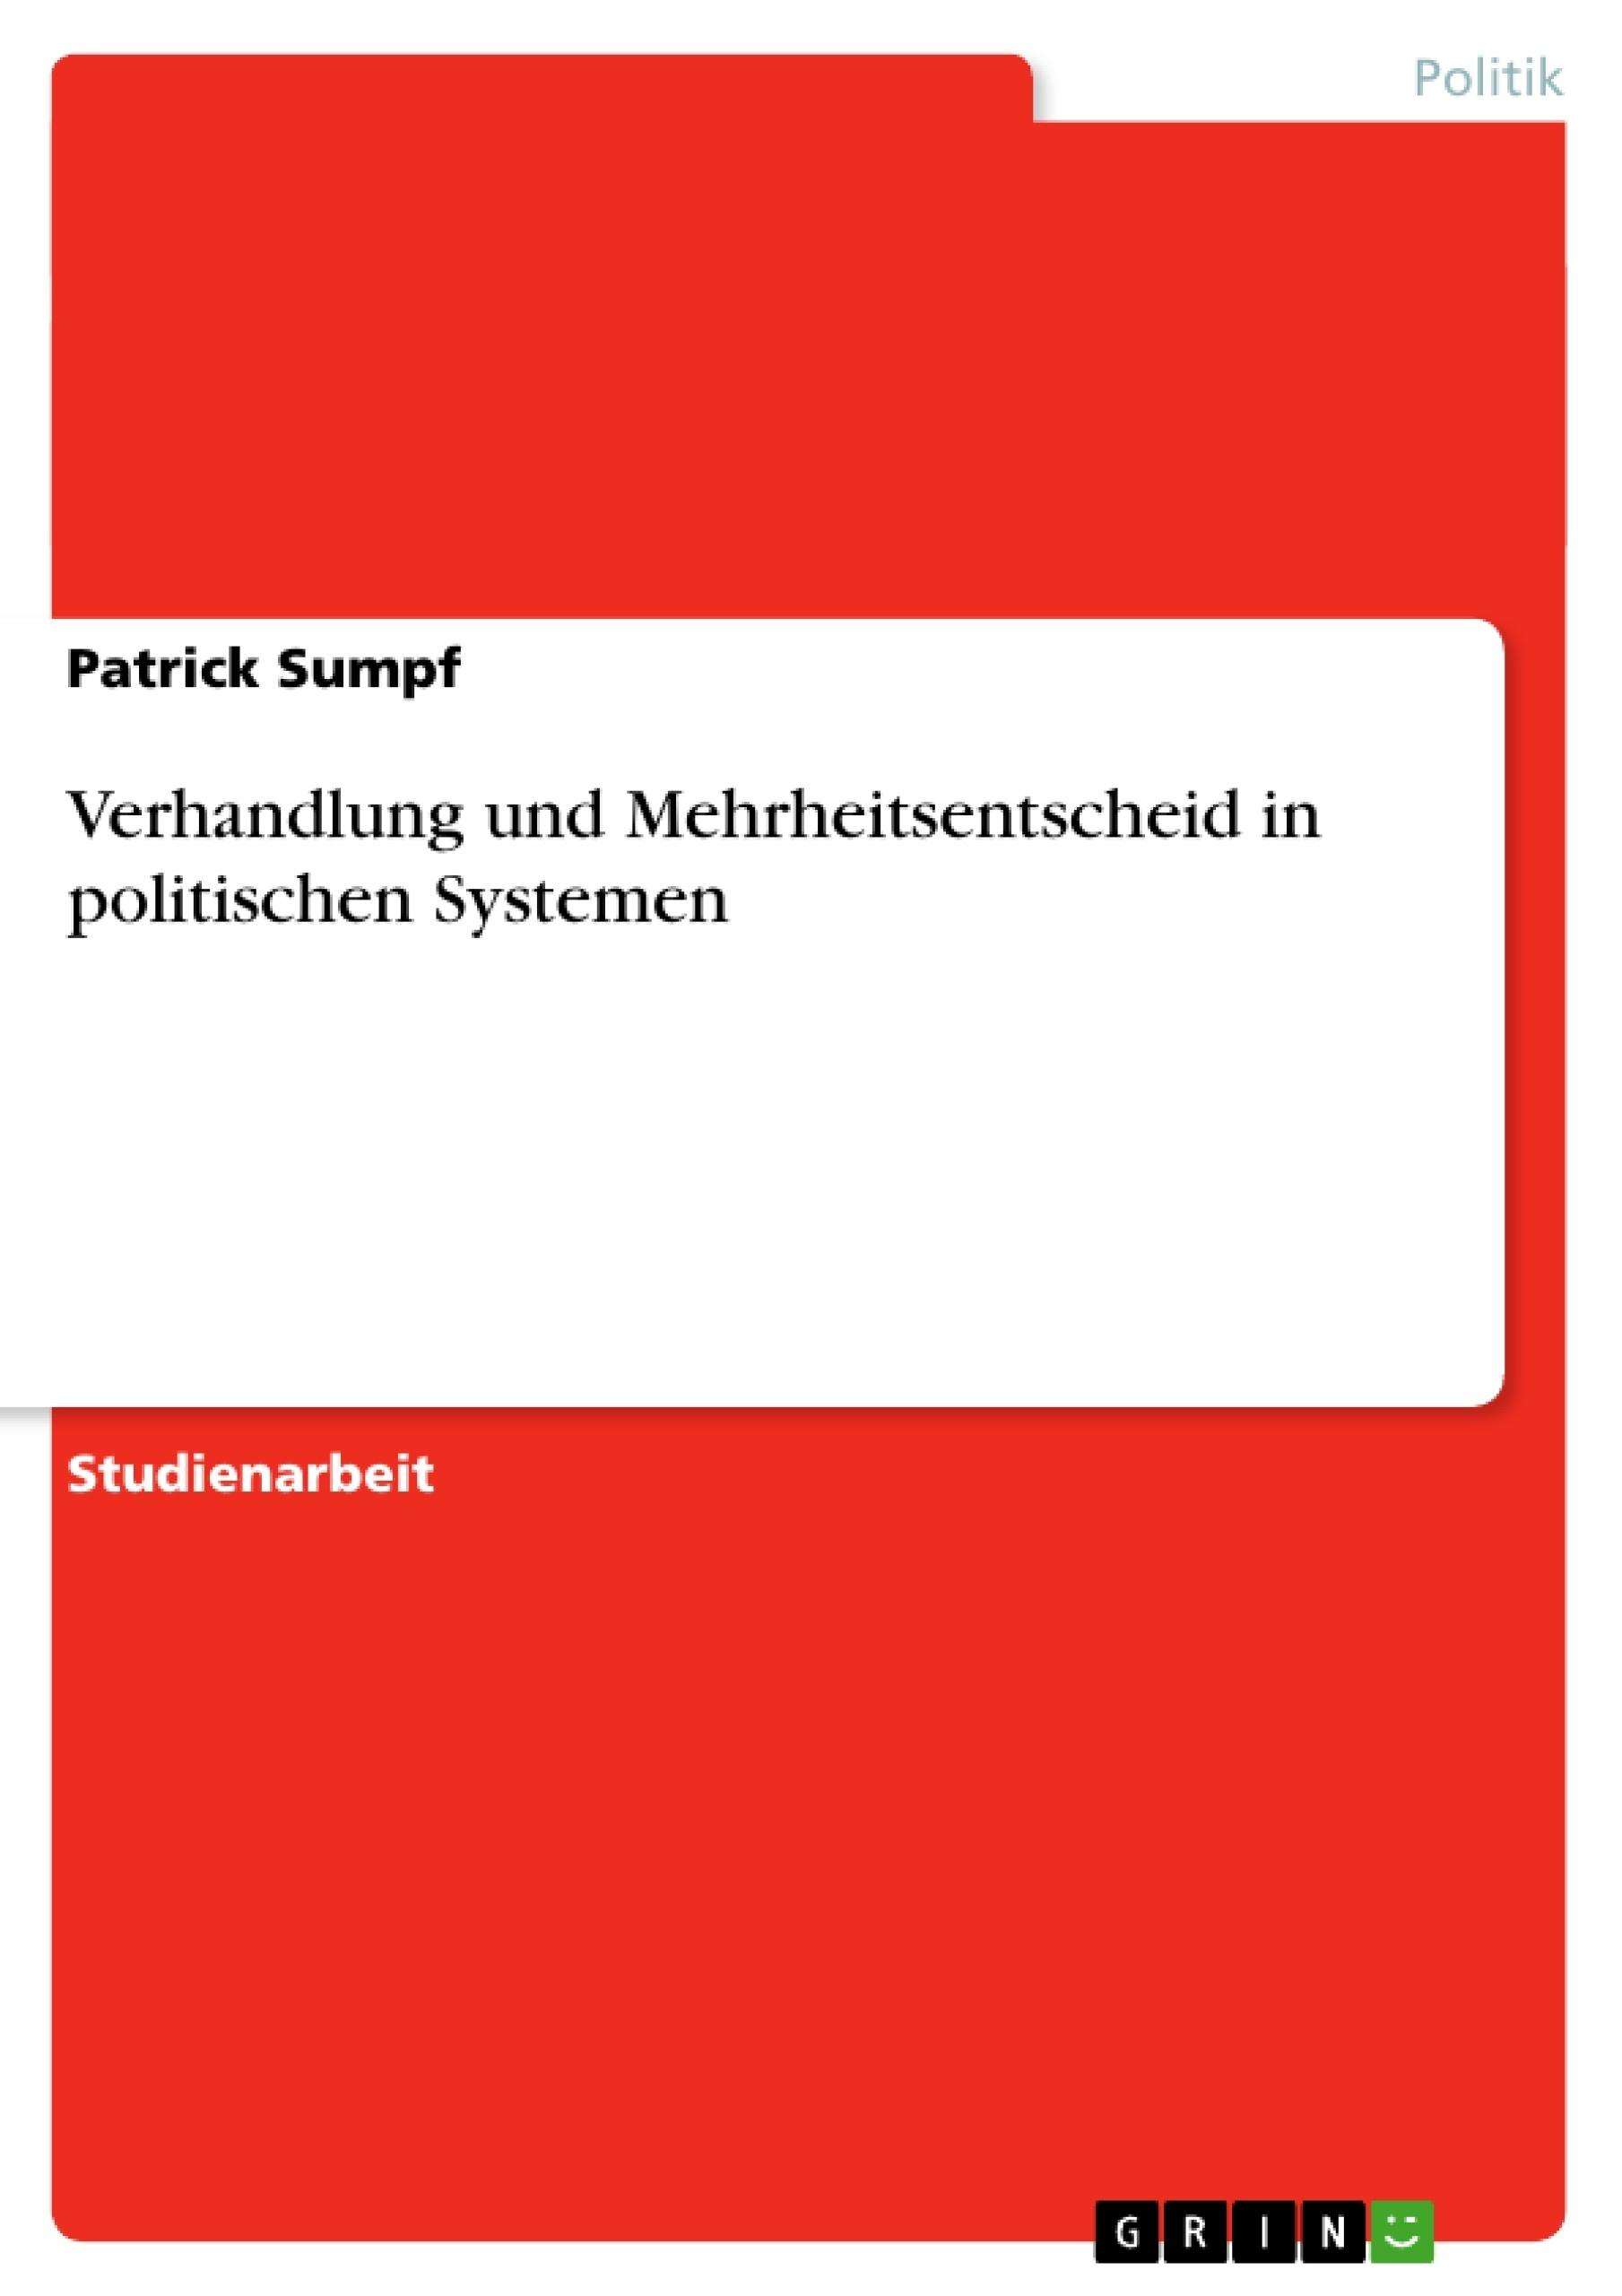 Titel: Verhandlung und Mehrheitsentscheid in politischen Systemen